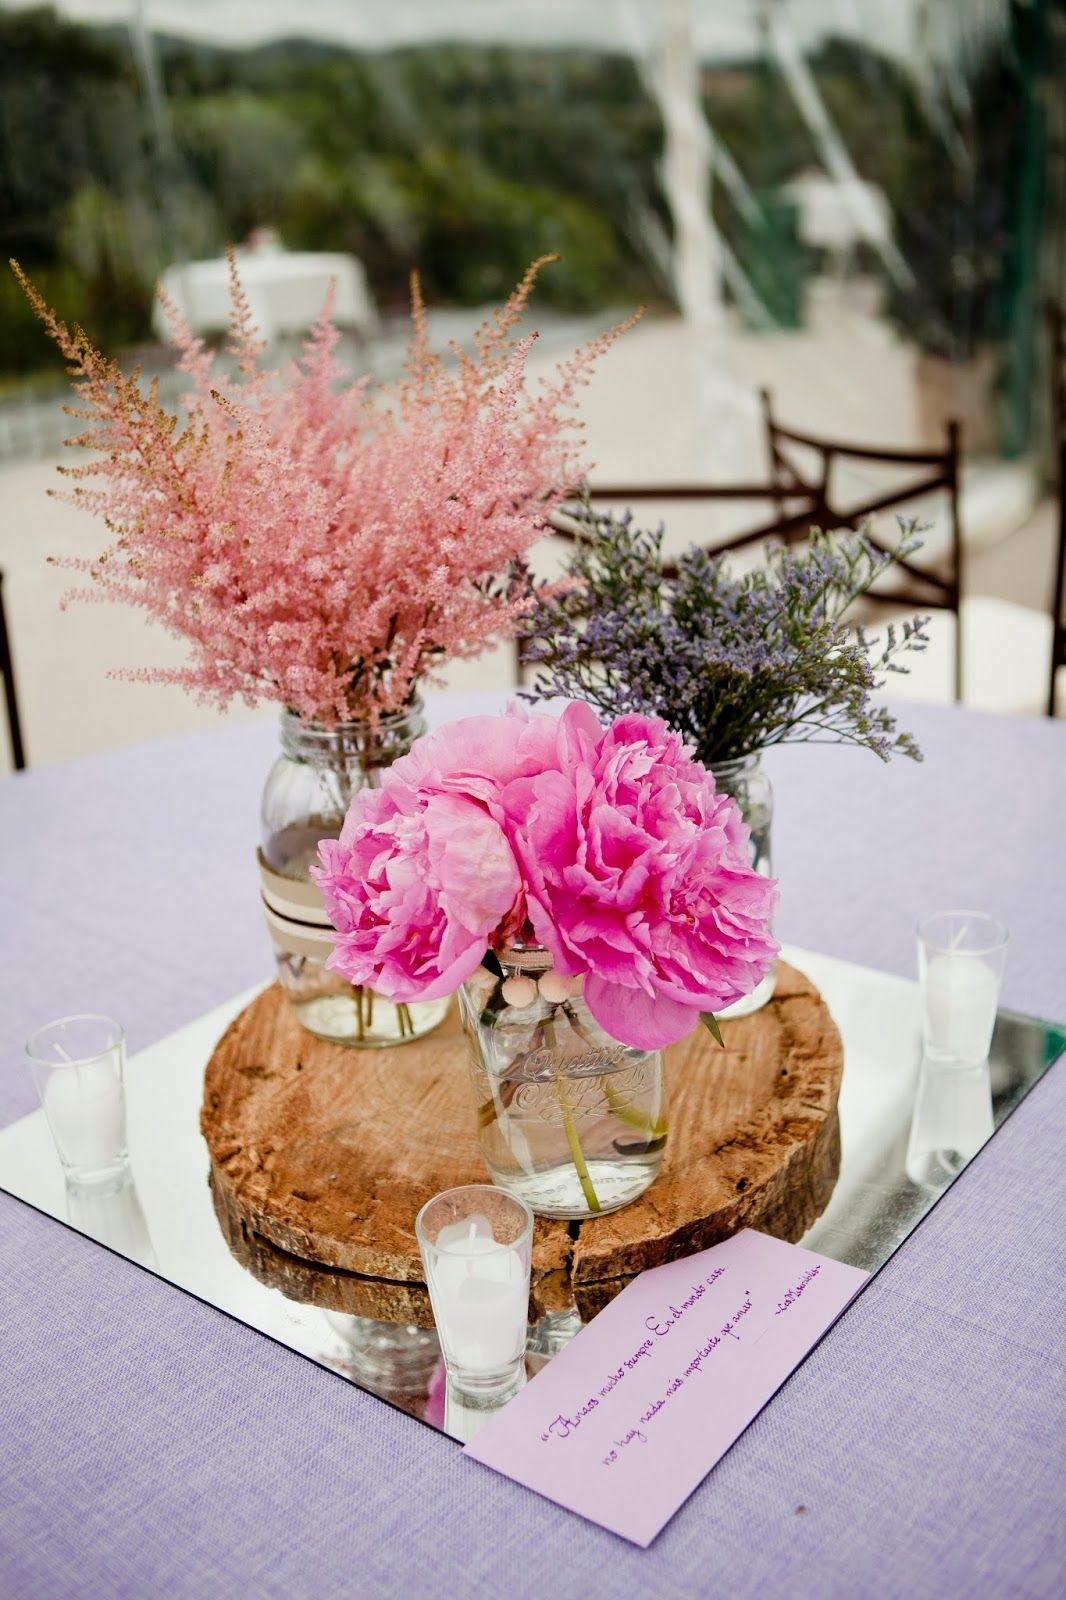 La boda de Sonsoles y Fernando | meu canto blog